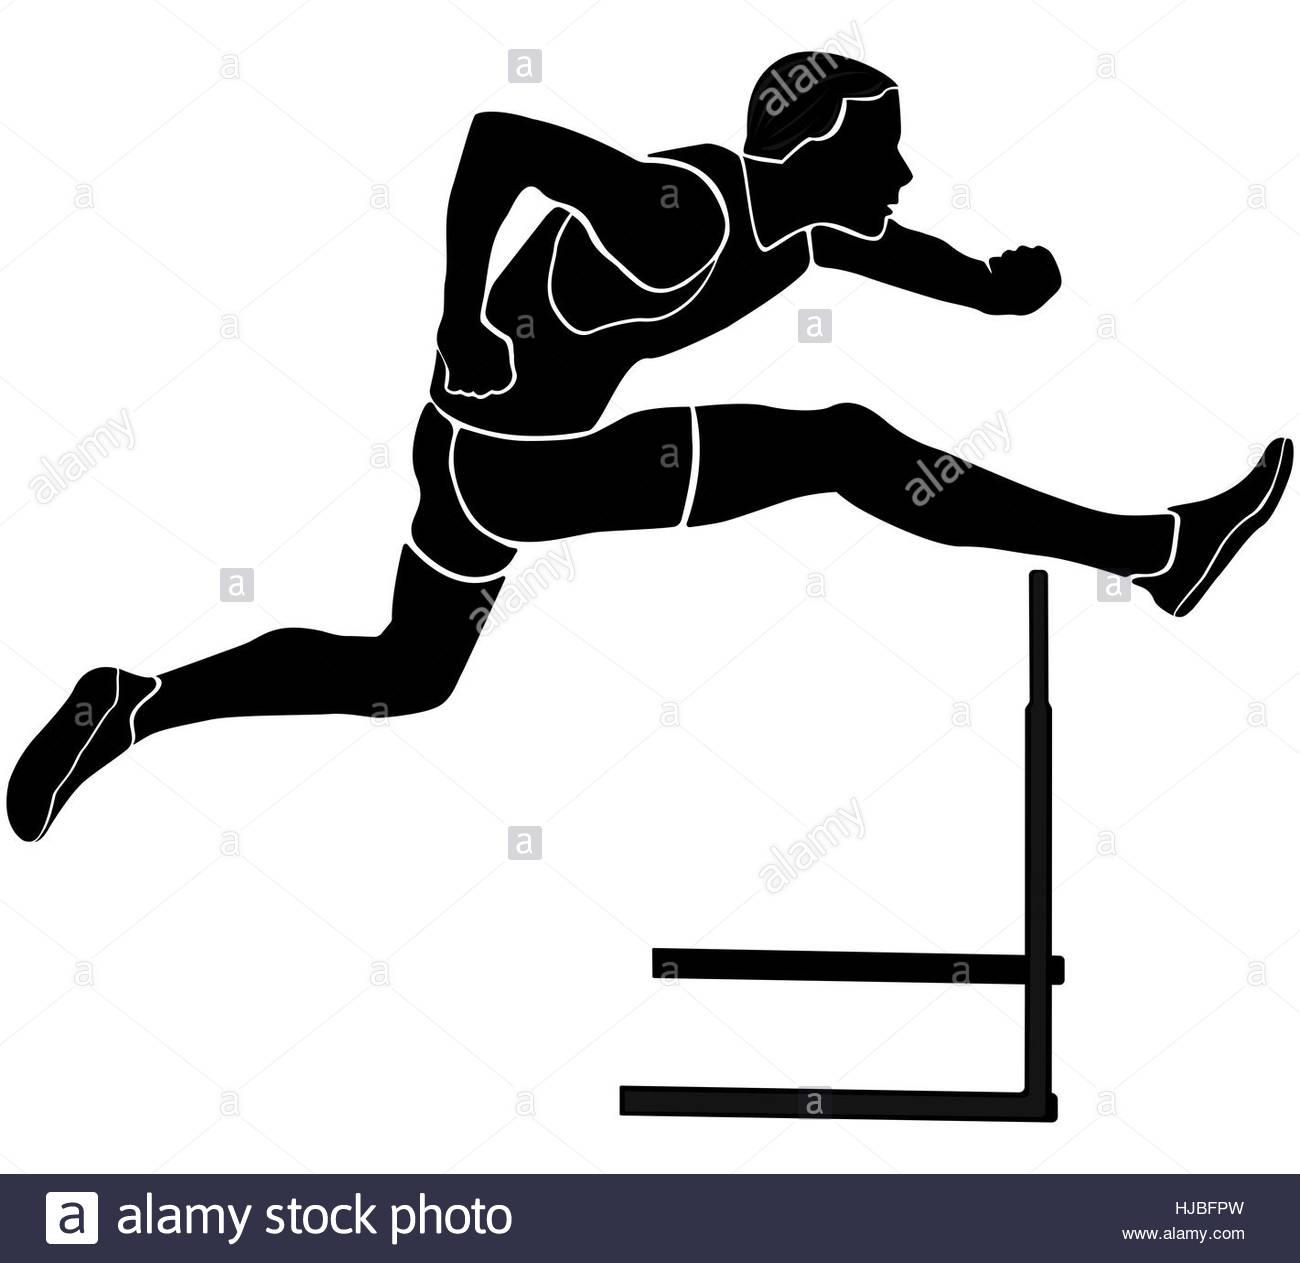 1300x1263 Runner Athlete Running Hurdles Black Silhouette Vector